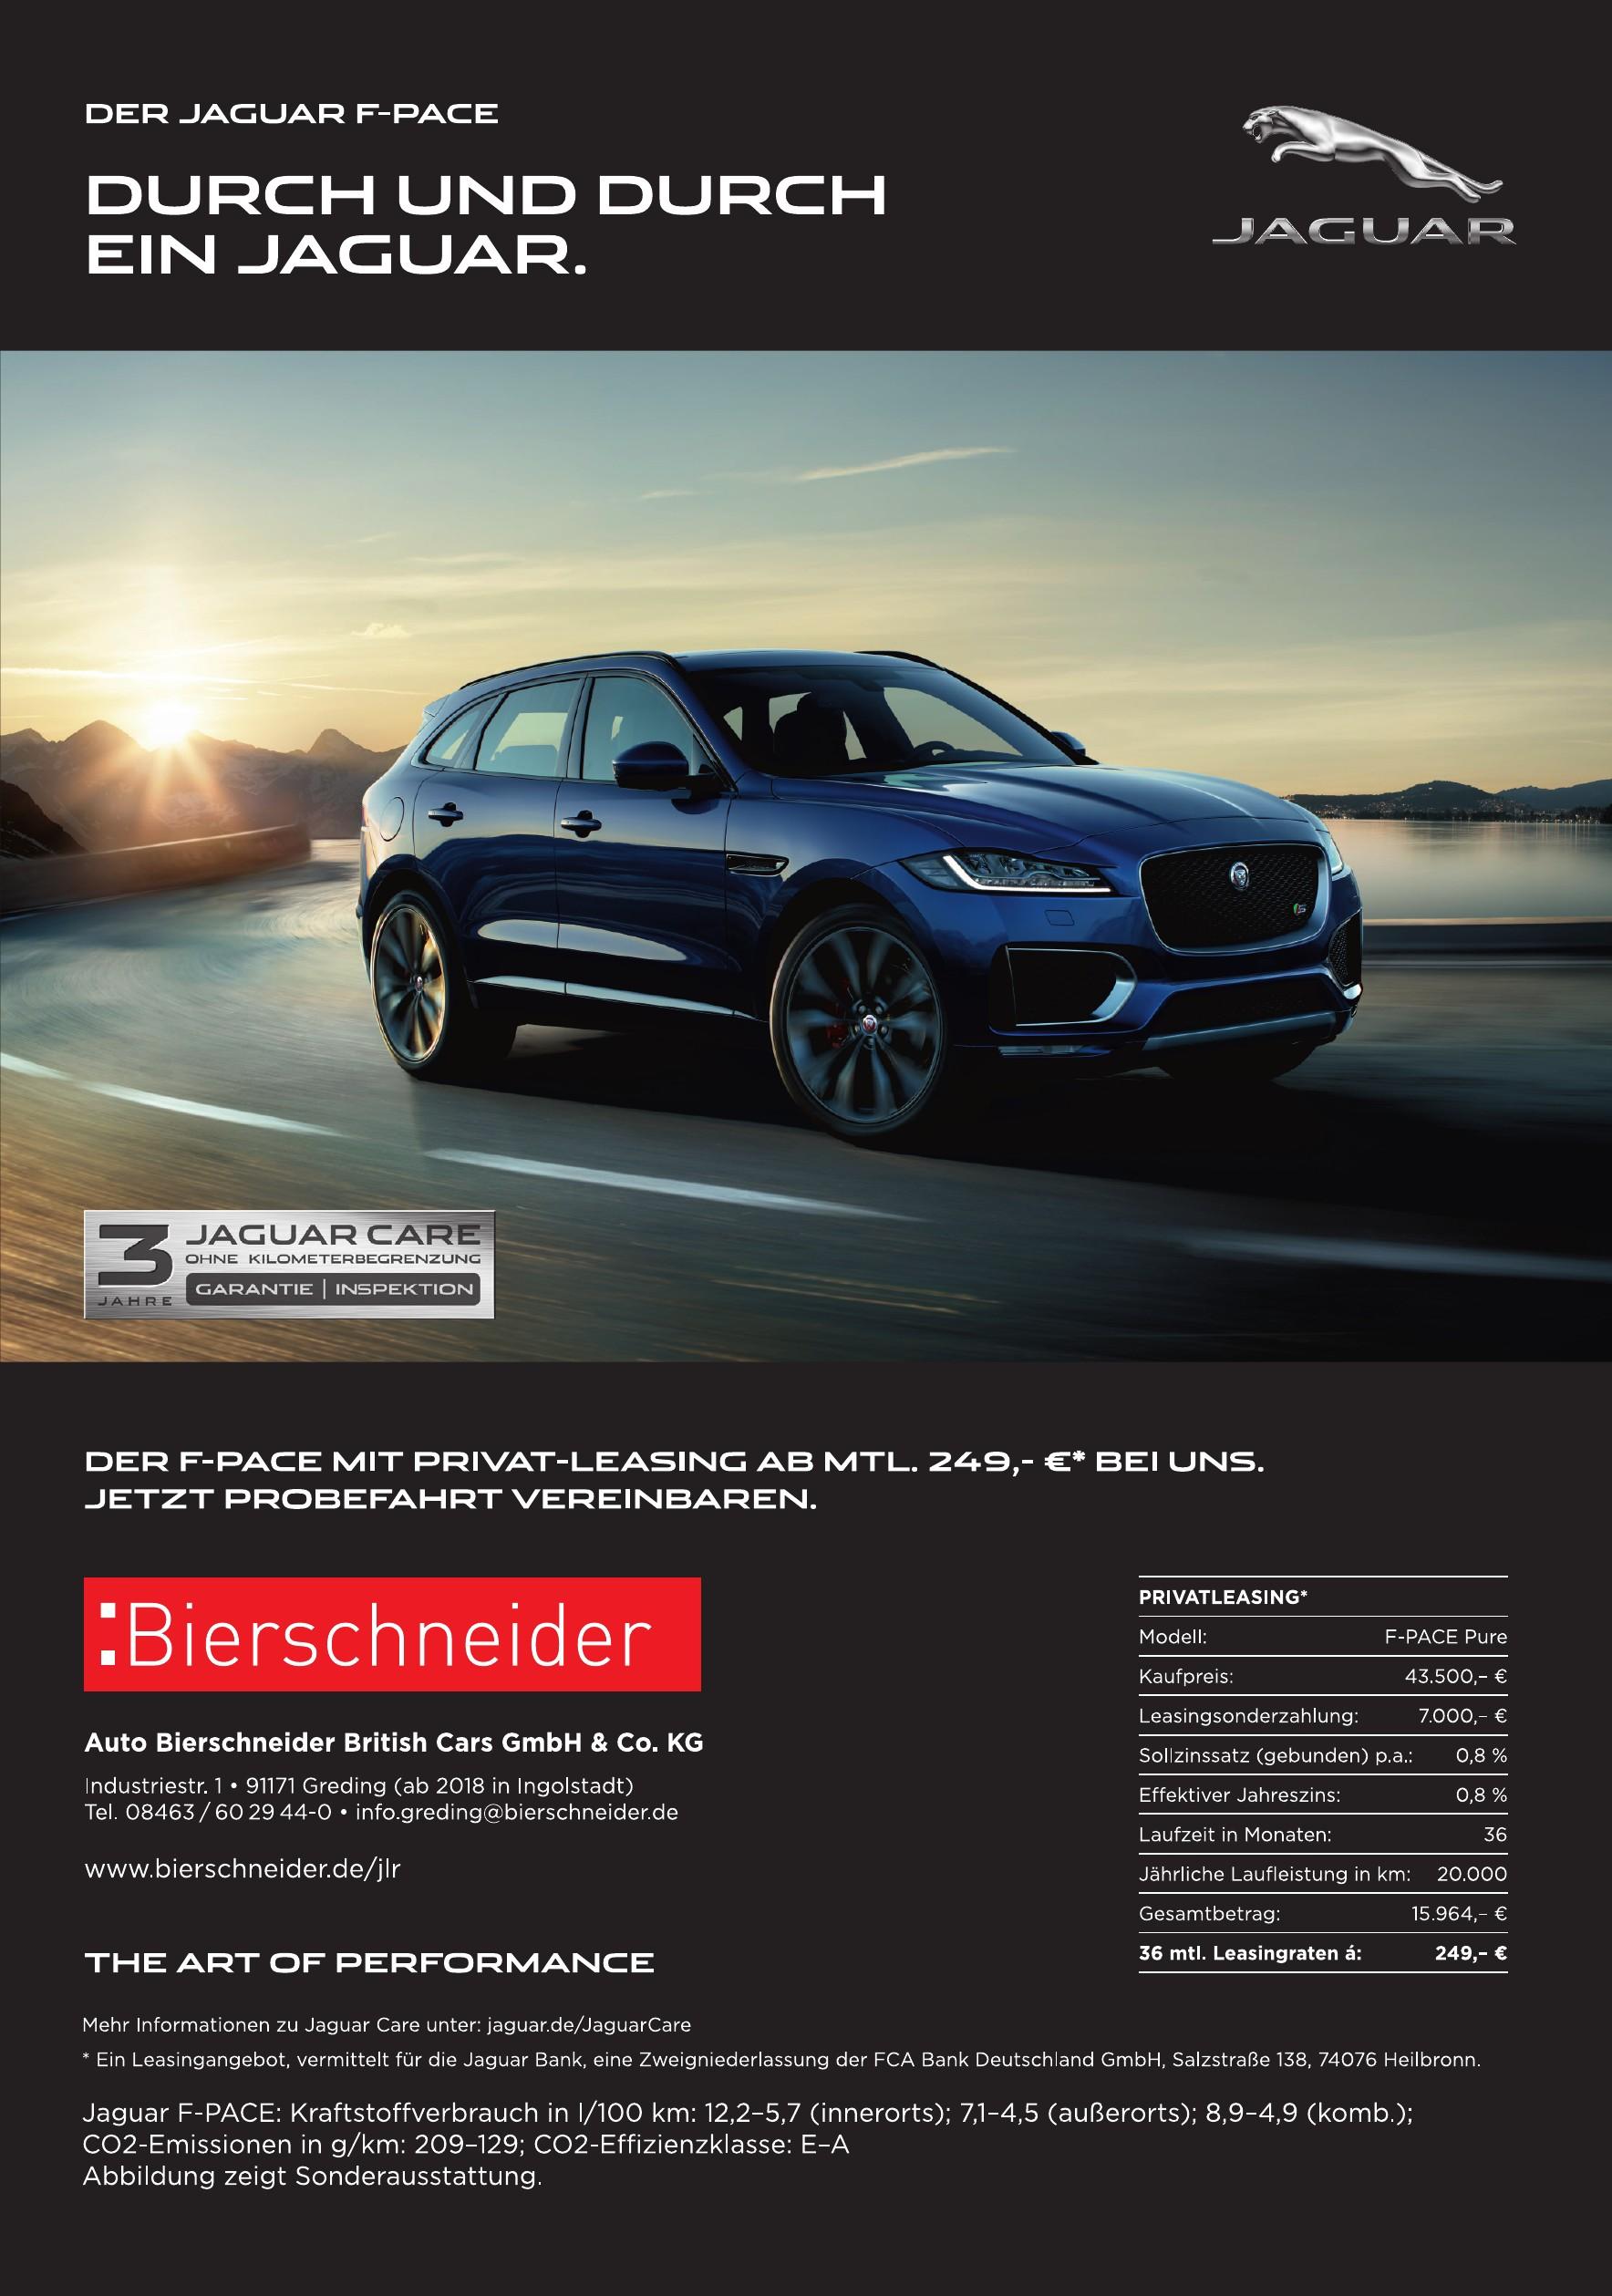 Auto Bierschneider British Cars GmbH & Co.KG